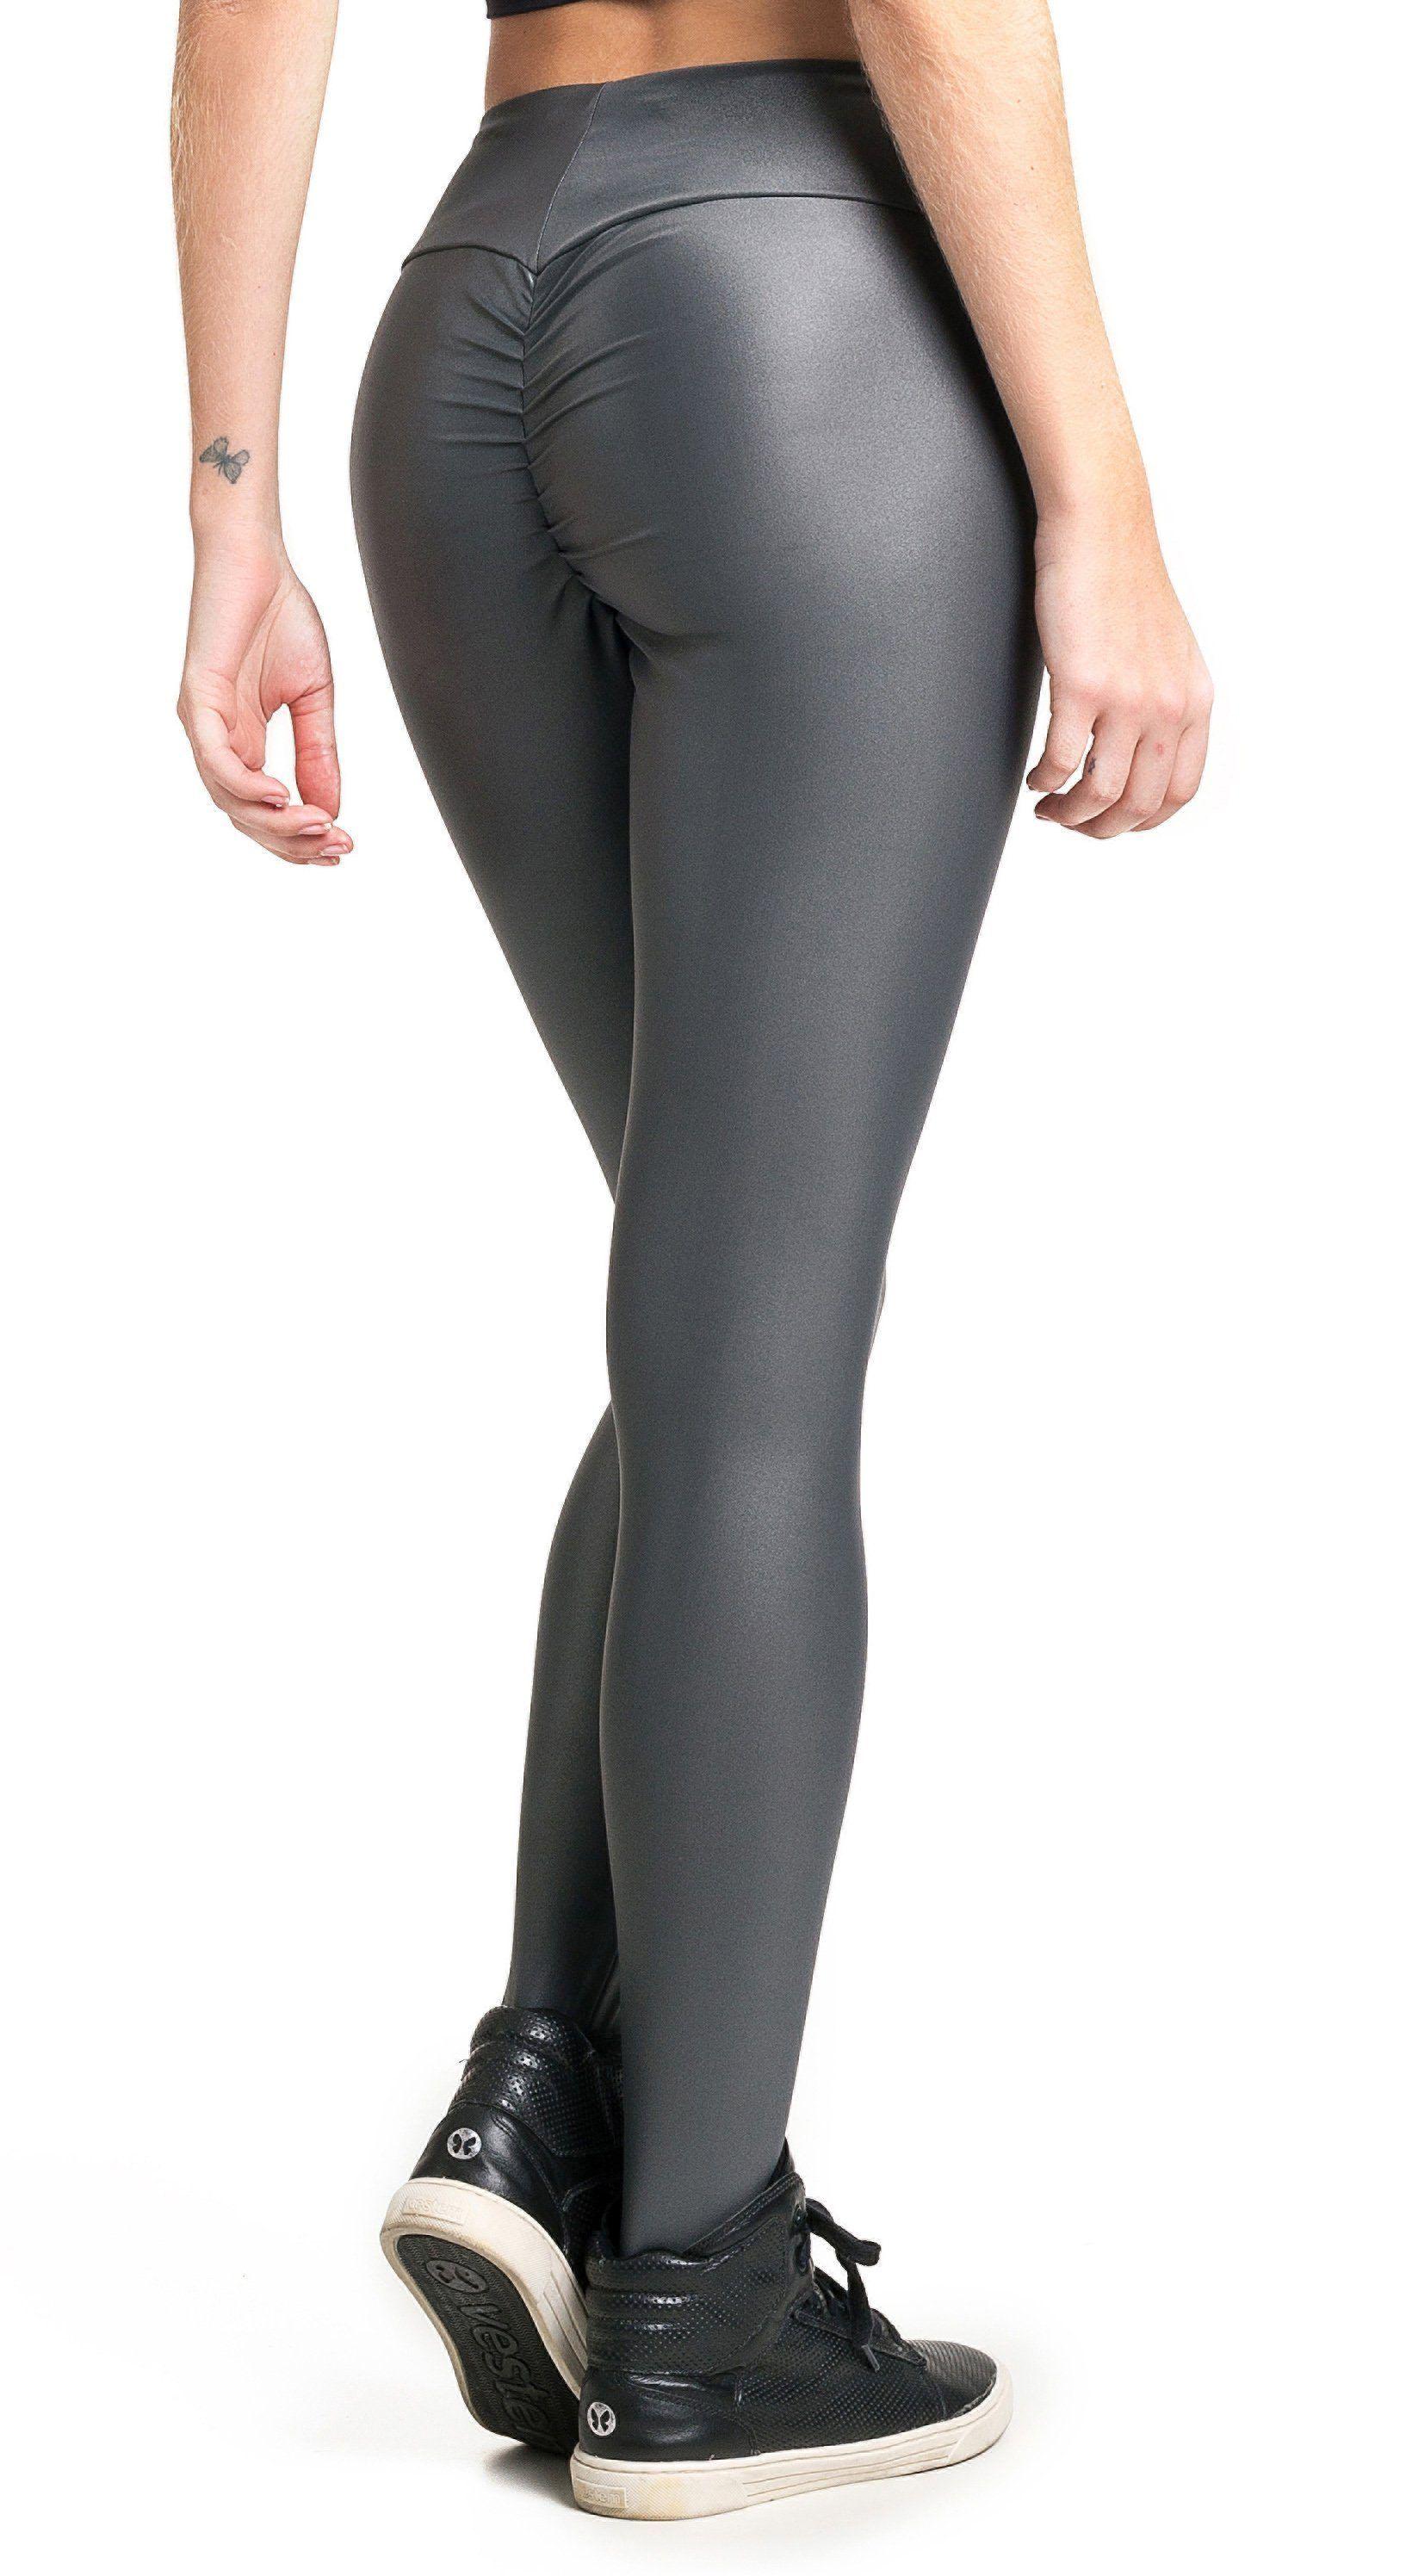 2d22ce2351cce Vestem - Brazilian Workout Legging - Ruched Booty Up Shiny Grey ...